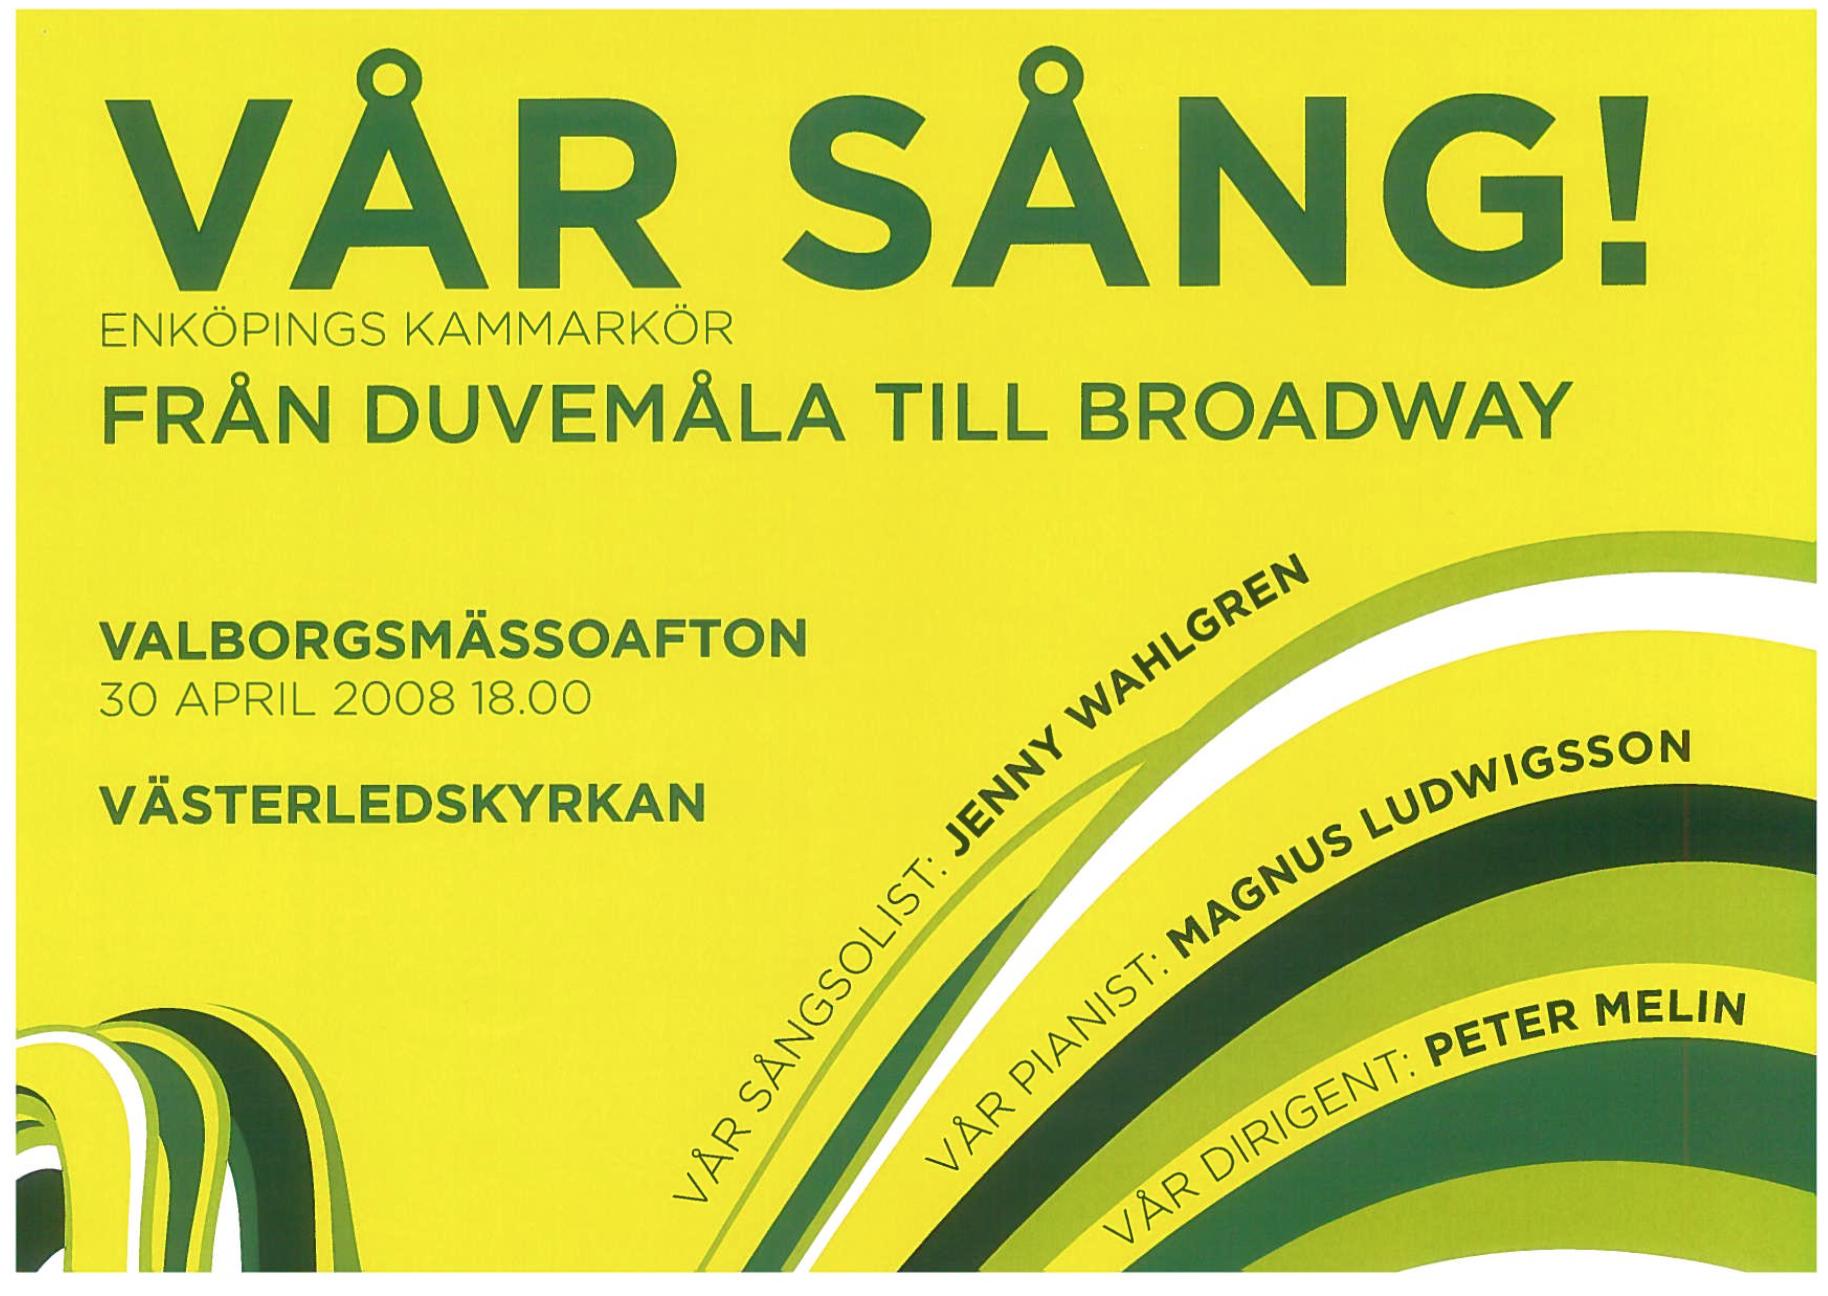 2008-affisch-var-sang-med-enkopings-kammarkor